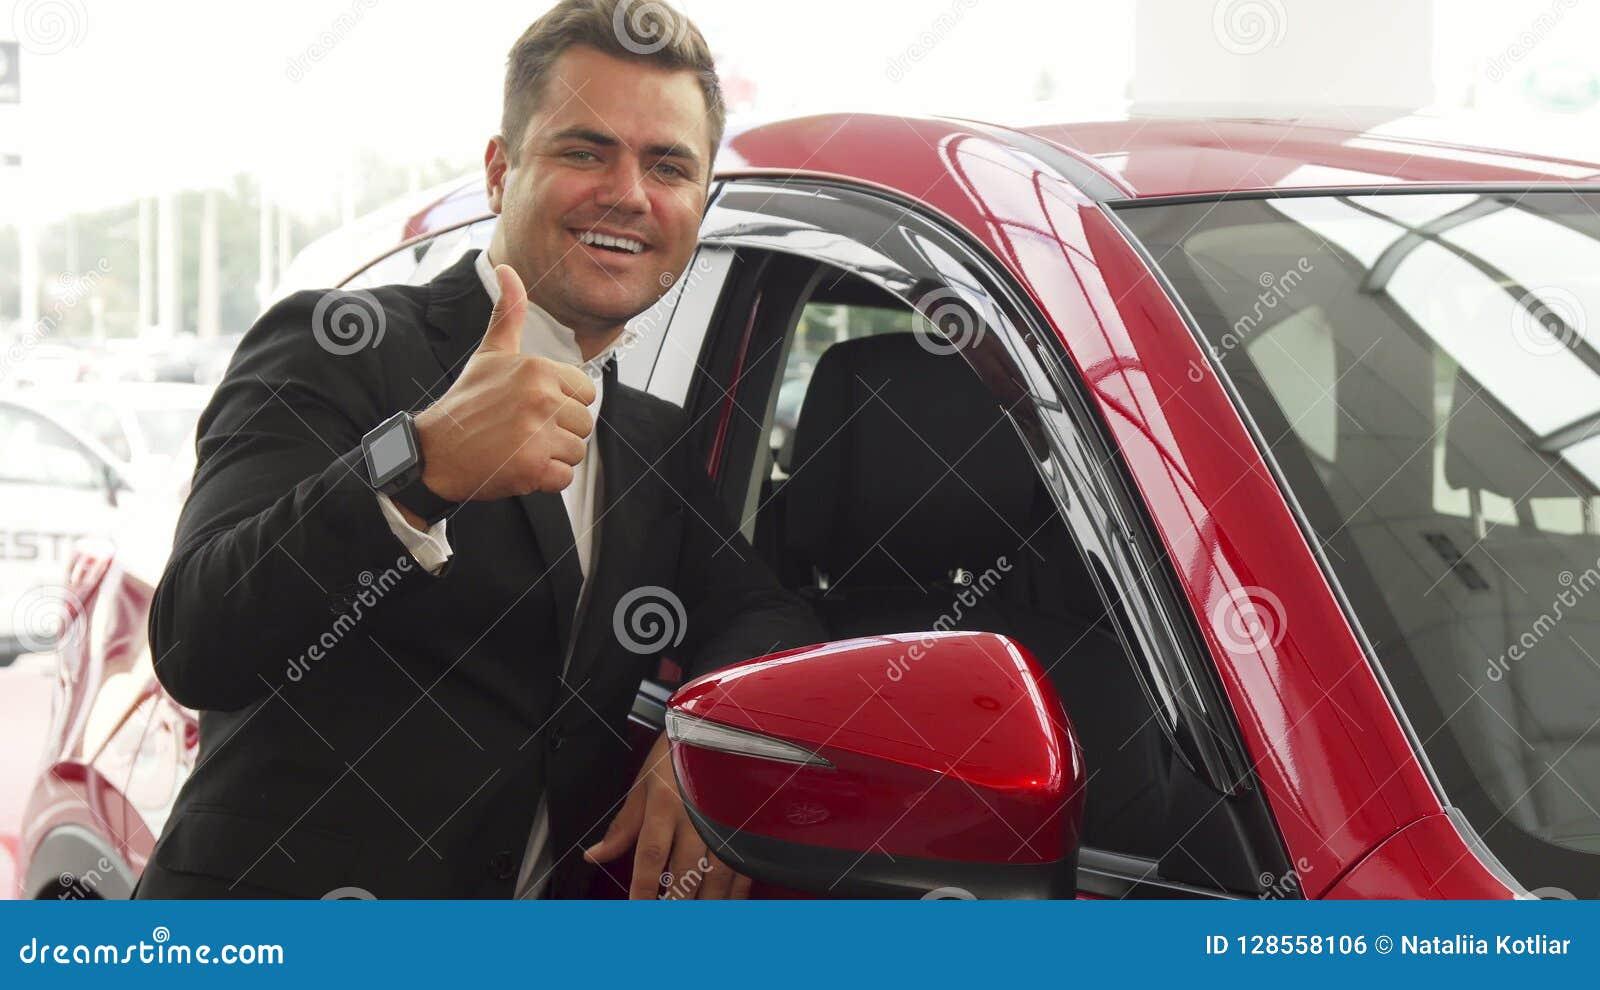 Gladlynta punkter för en representant till den utmärkta kvaliteten av bilen